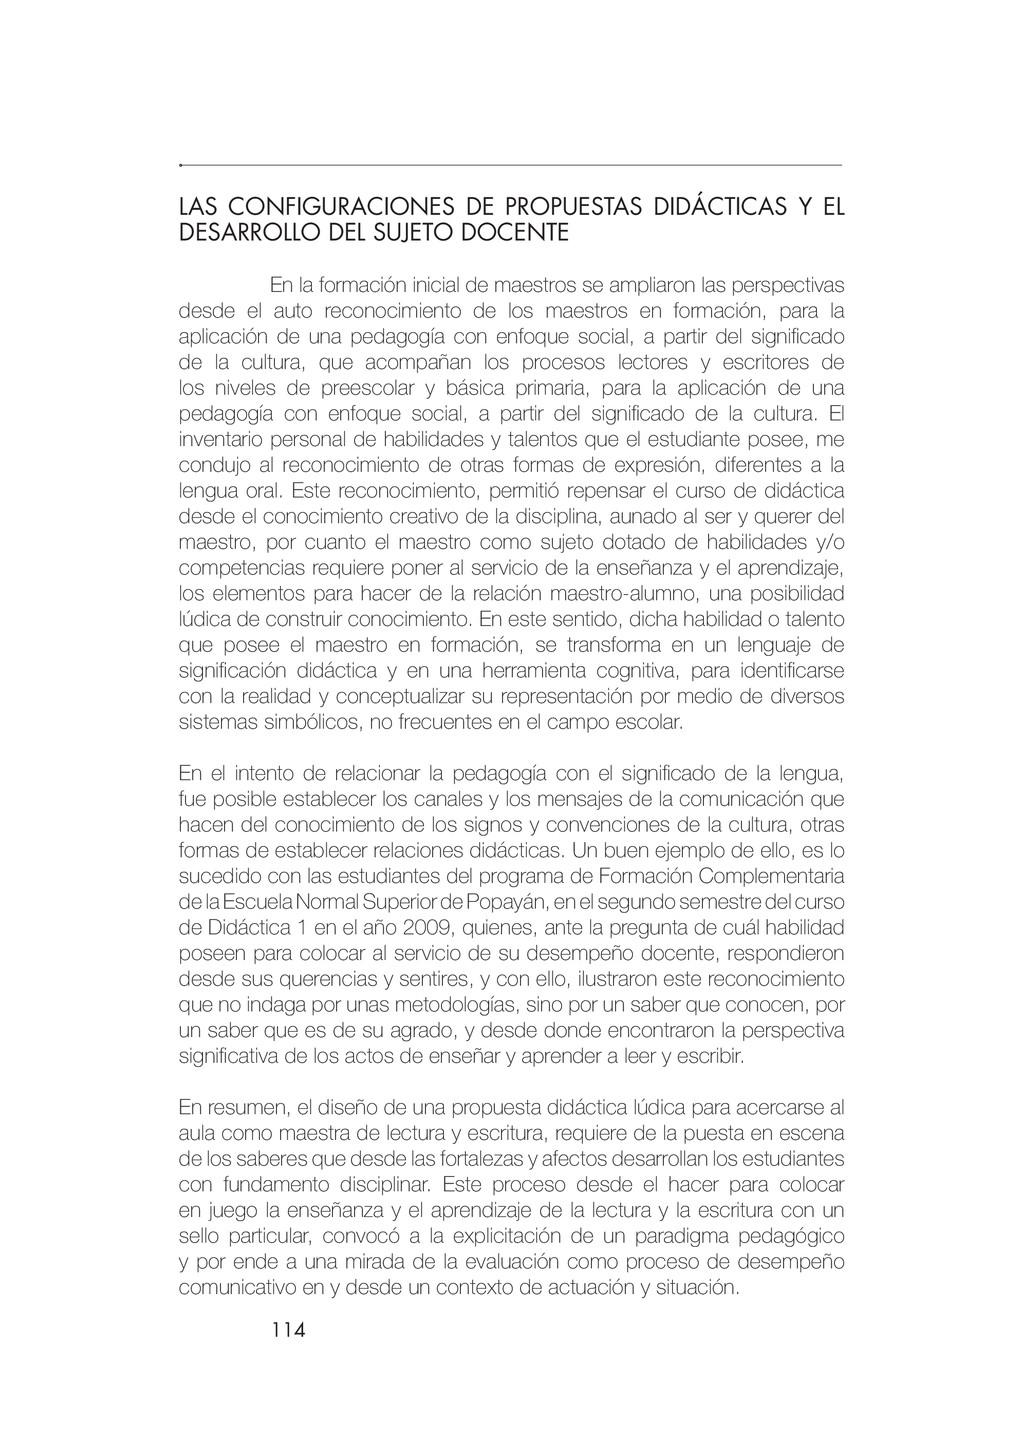 114 LAS CONFIGURACIONES DE PROPUESTAS DIDÁCTICA...